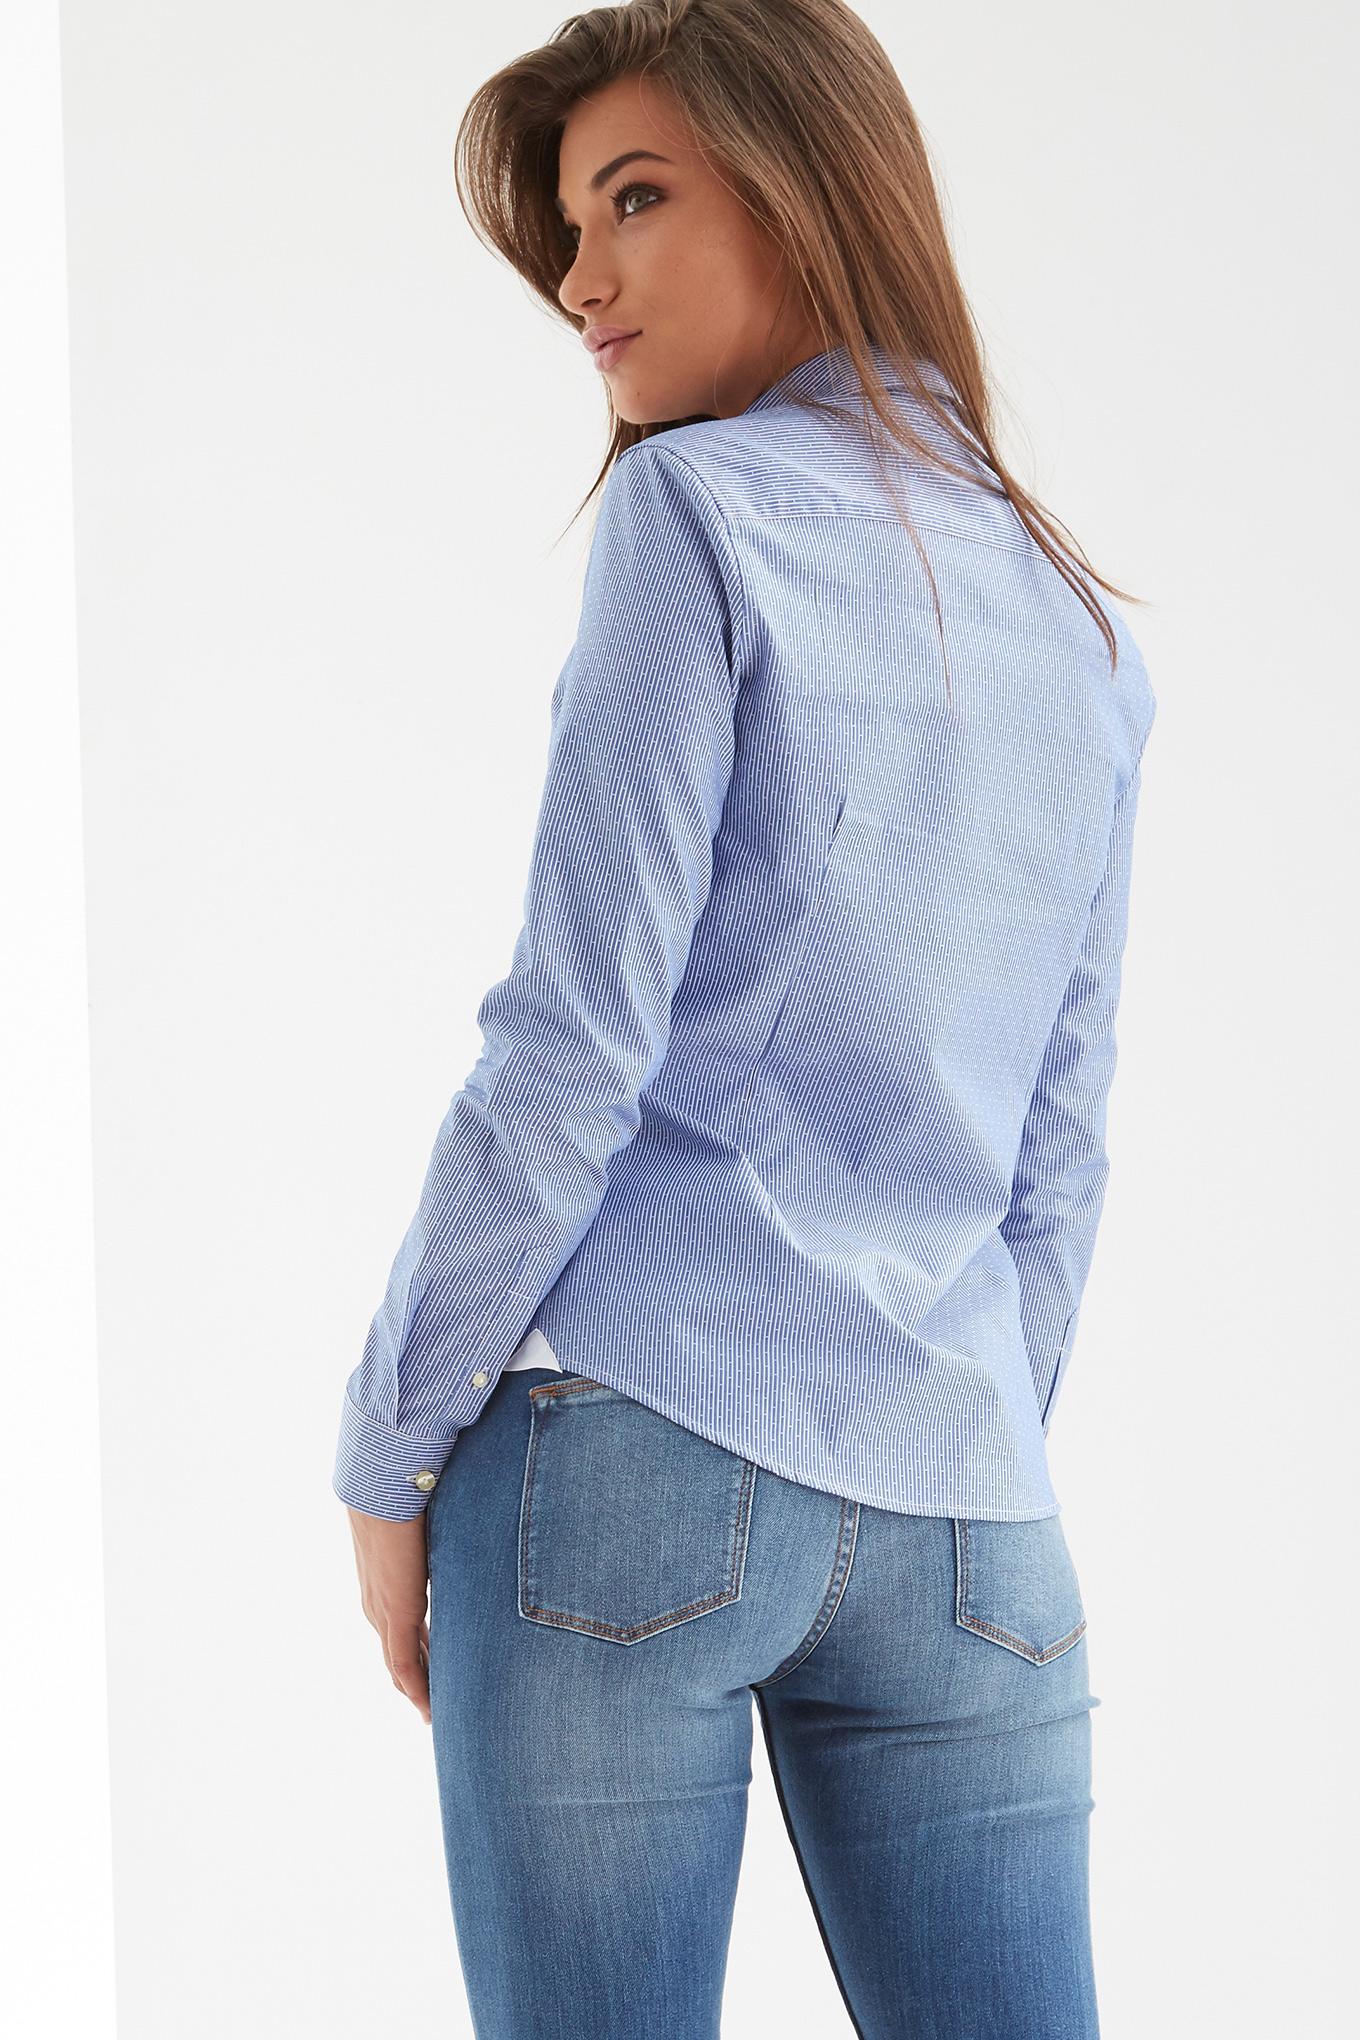 Camisa Azul Escuro Classic Mulher